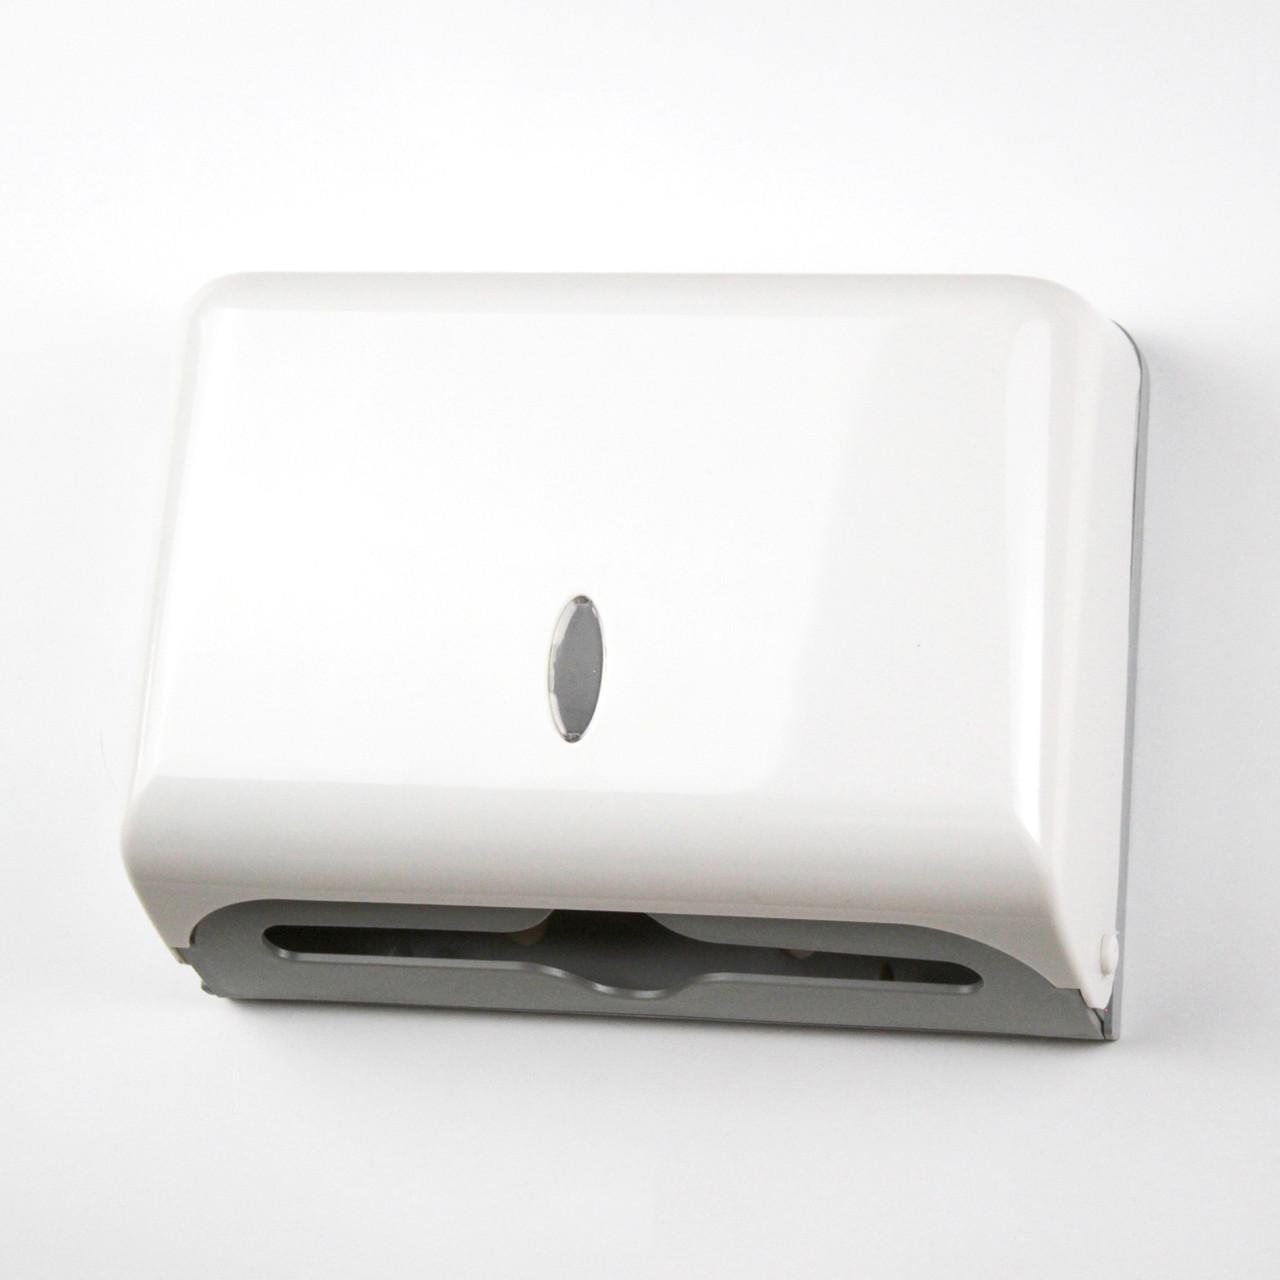 Диспенсер GL136 для Z полотенец пластмассовый, белый.